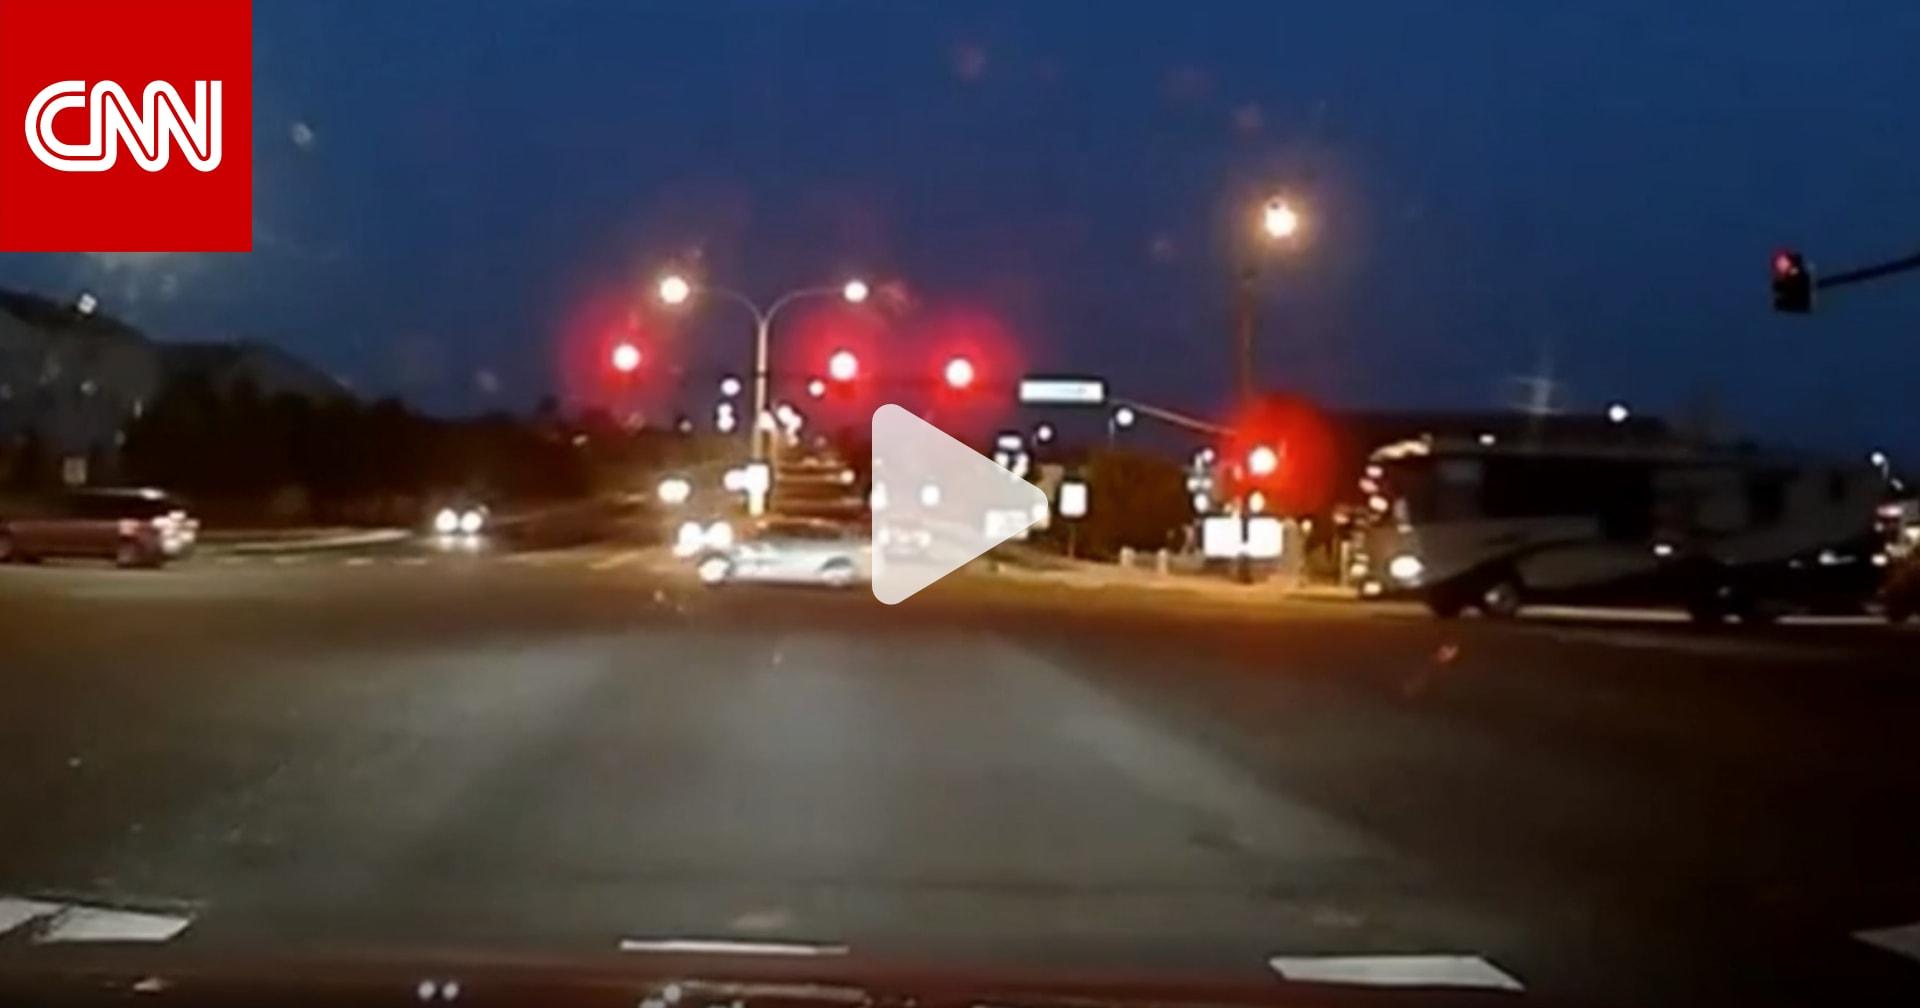 رجل يجتاز إشارة المرور ويقفز من سيارته ليمنع أخرى دون سائق من التسبب في حادث